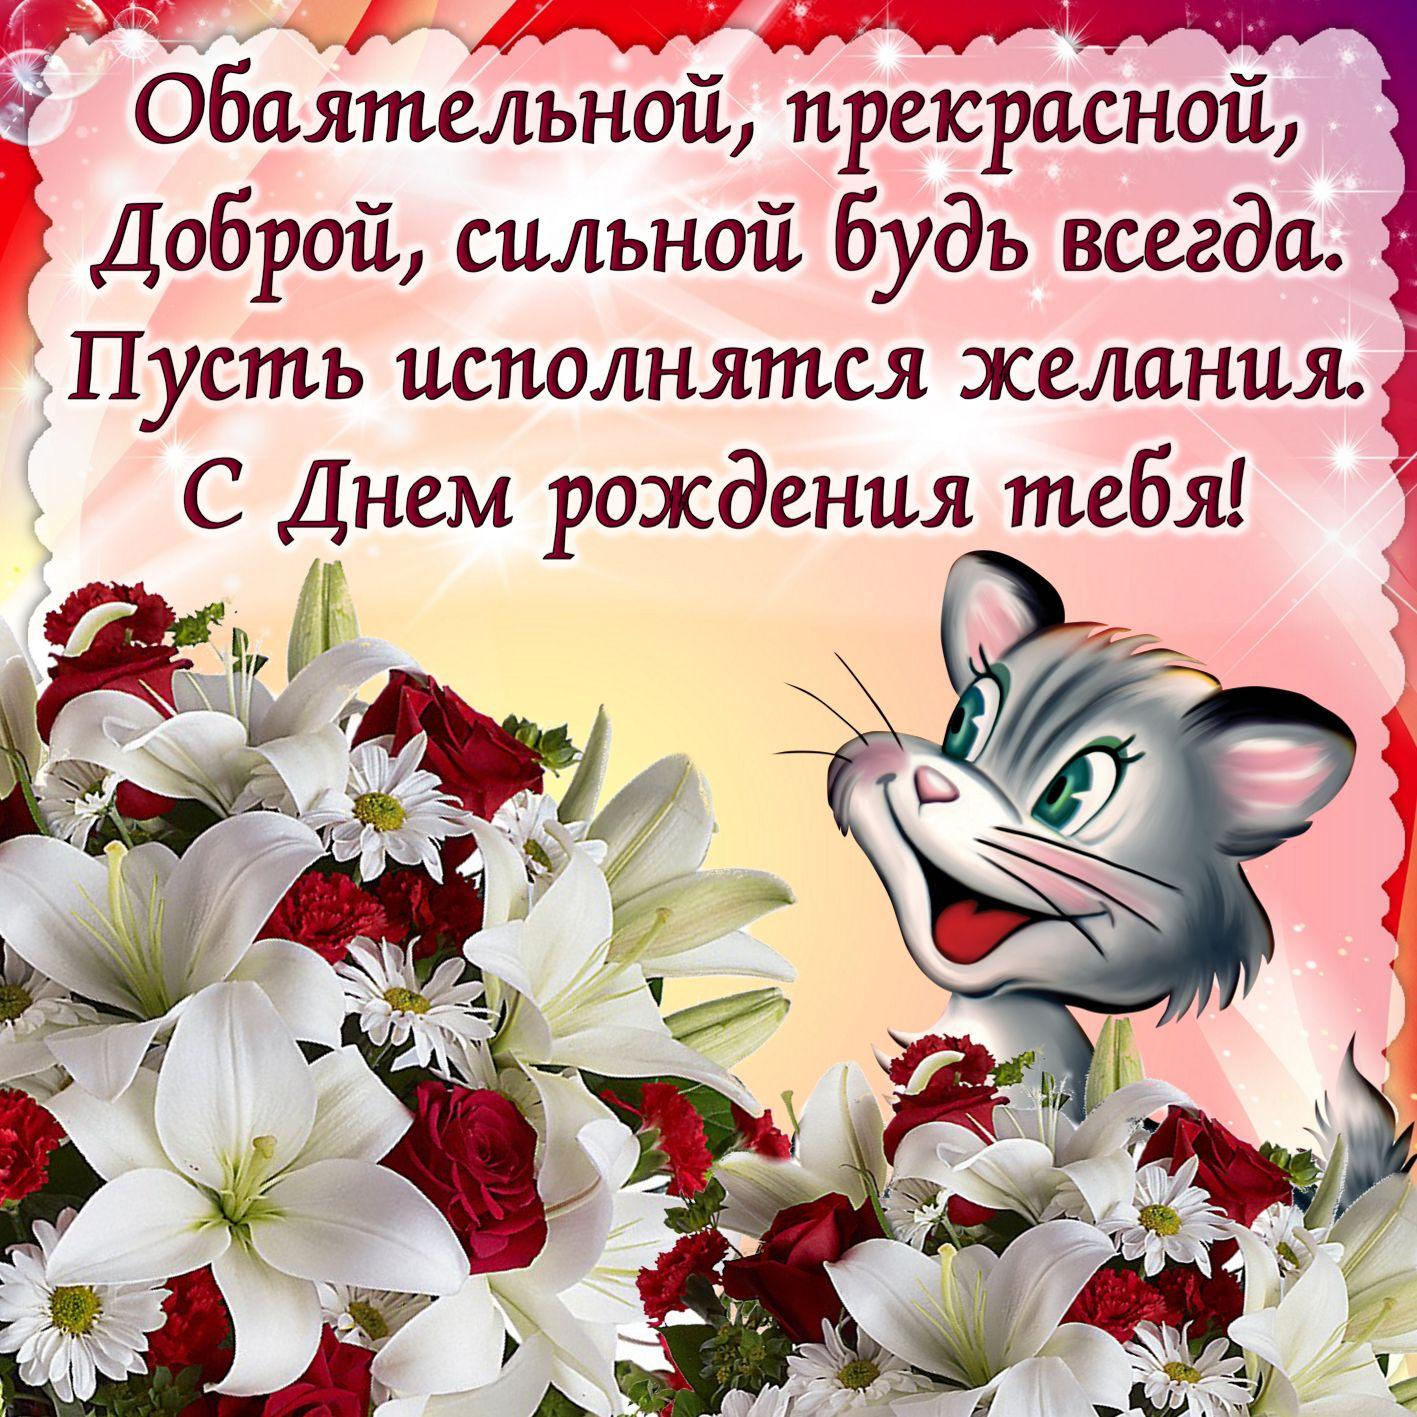 Поздравления С Новорожденным! - Открытки, Стихи